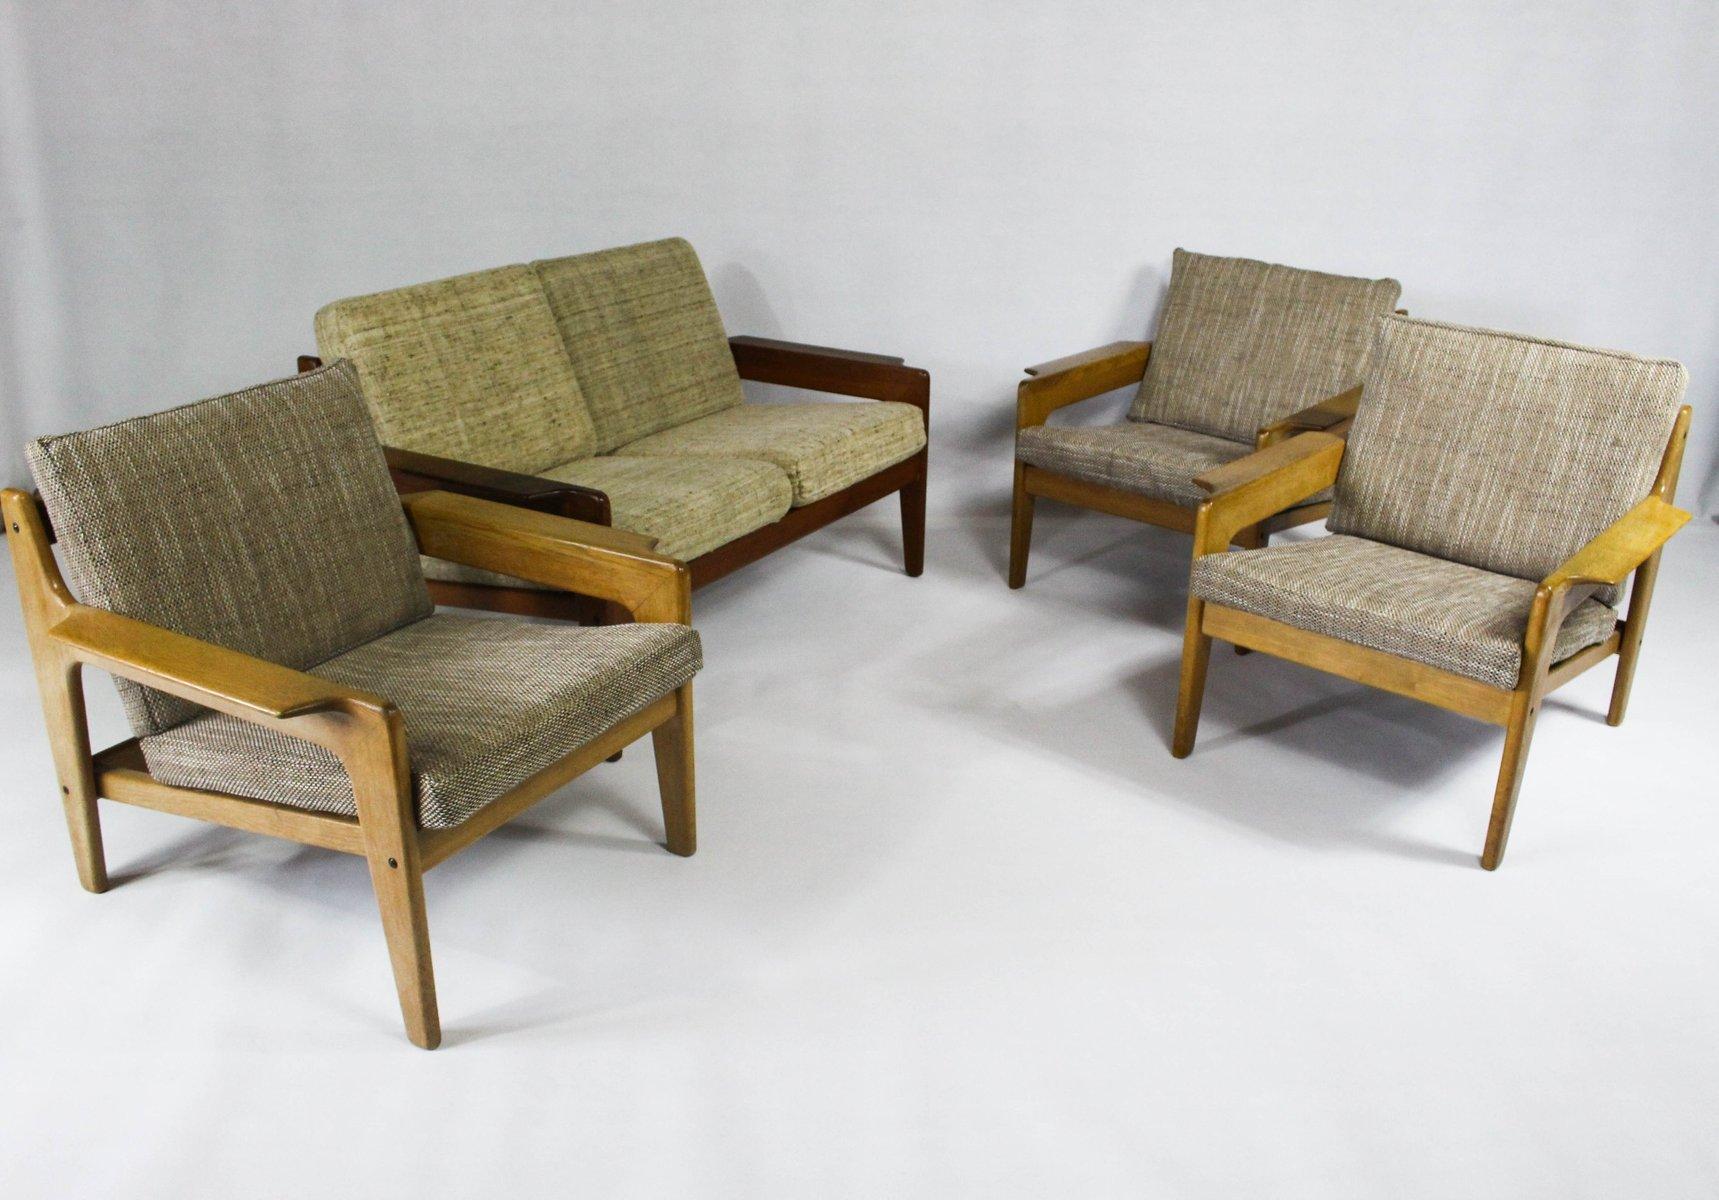 d nischer vintage sessel von arne wahl iversen f r komfort bei pamono kaufen. Black Bedroom Furniture Sets. Home Design Ideas